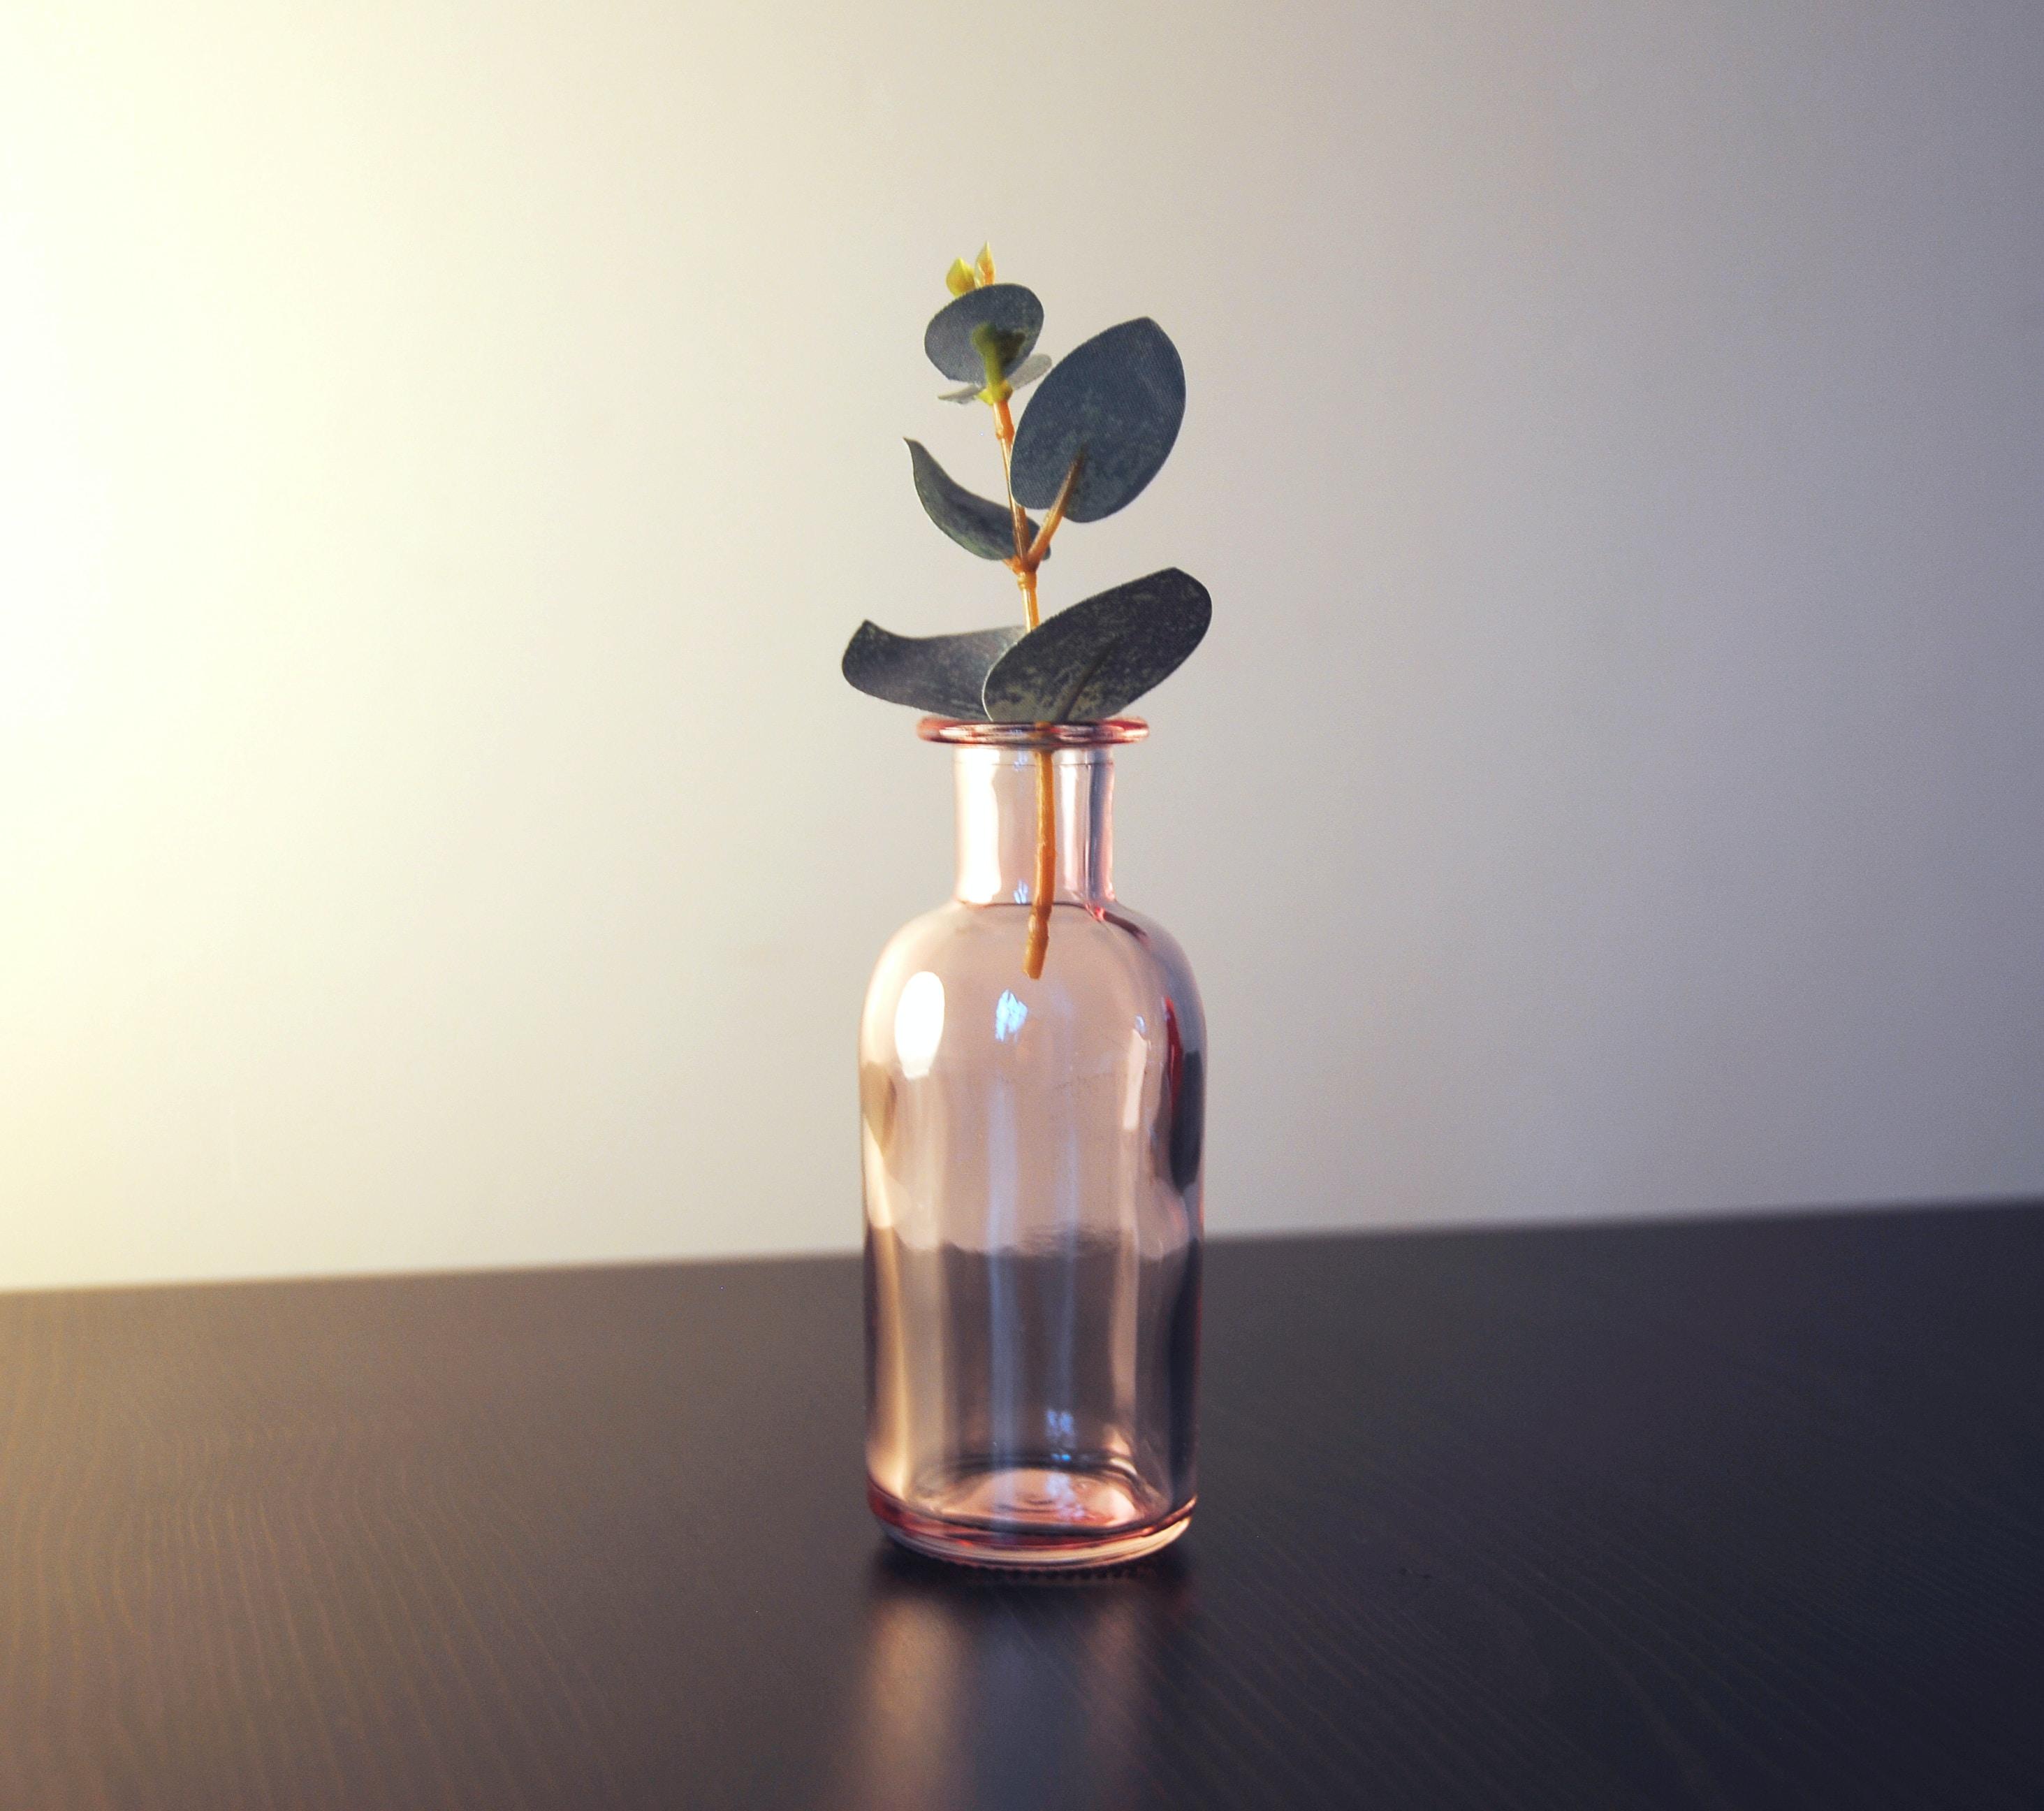 green leaf plant in glass jar